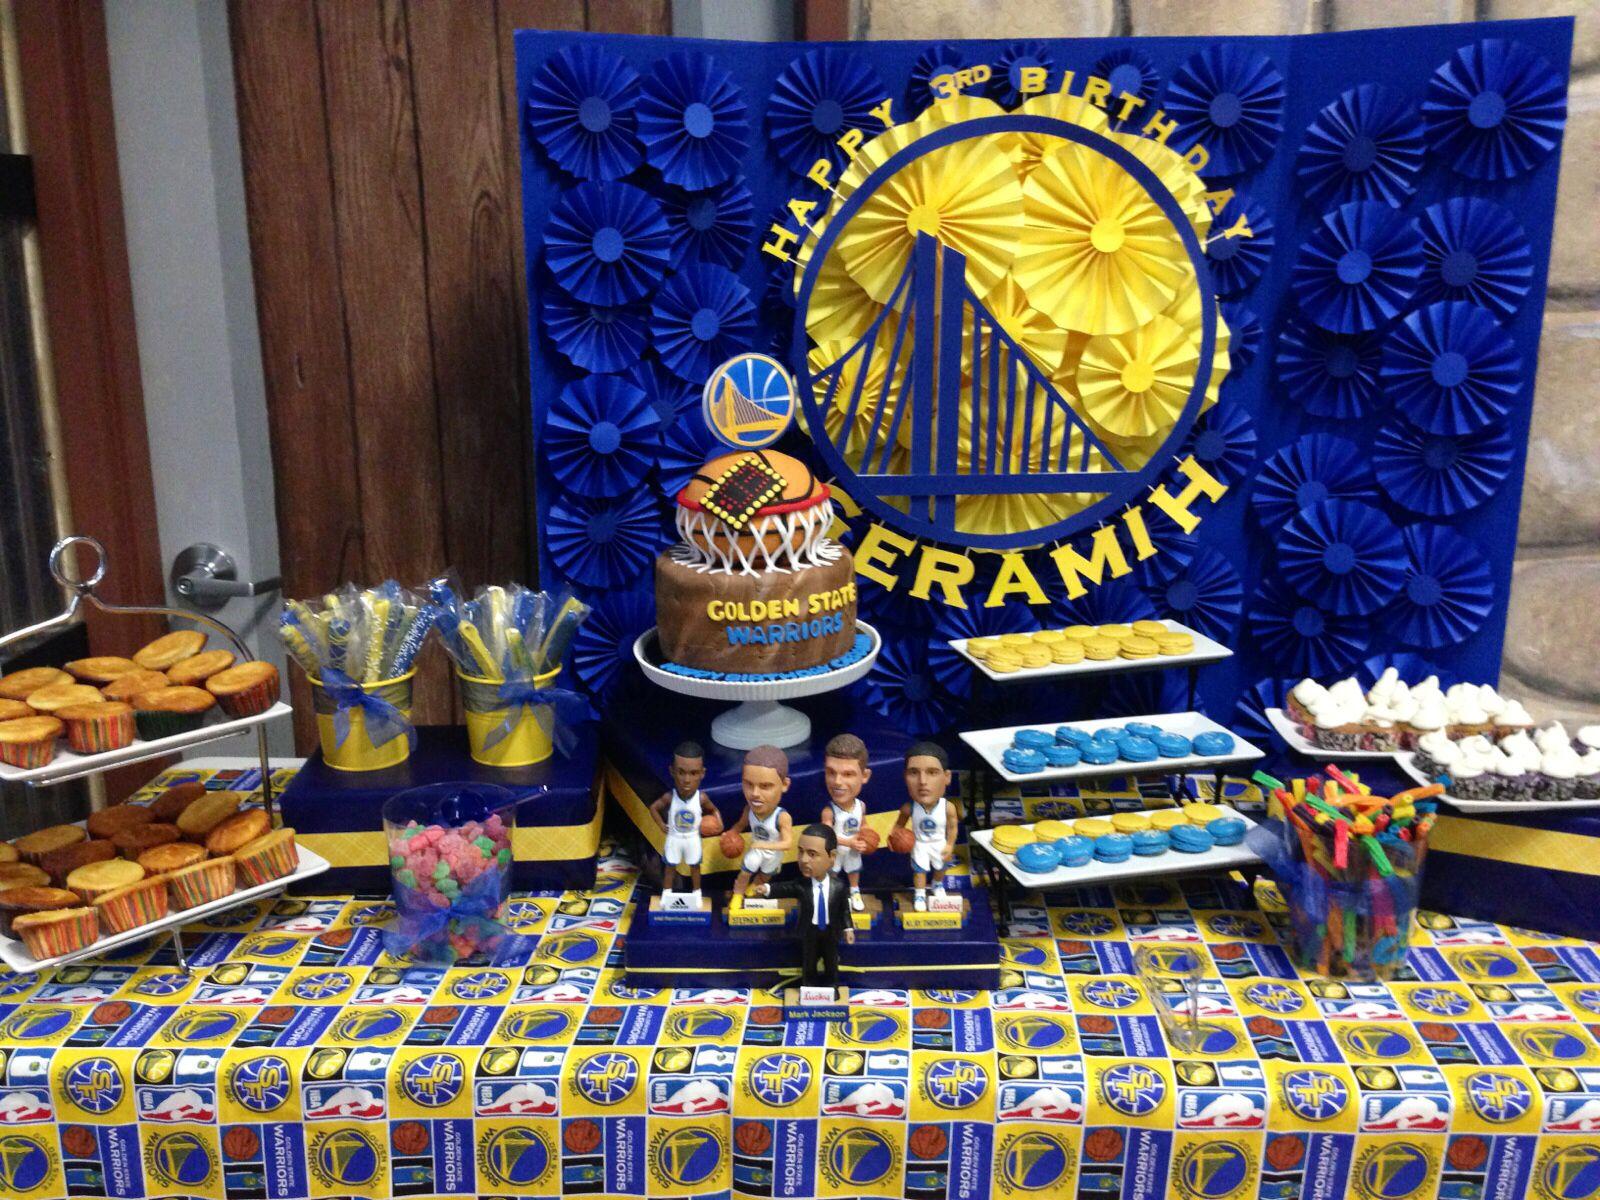 My Sons Golden State Warriors Dessert Table Letsgowarriors